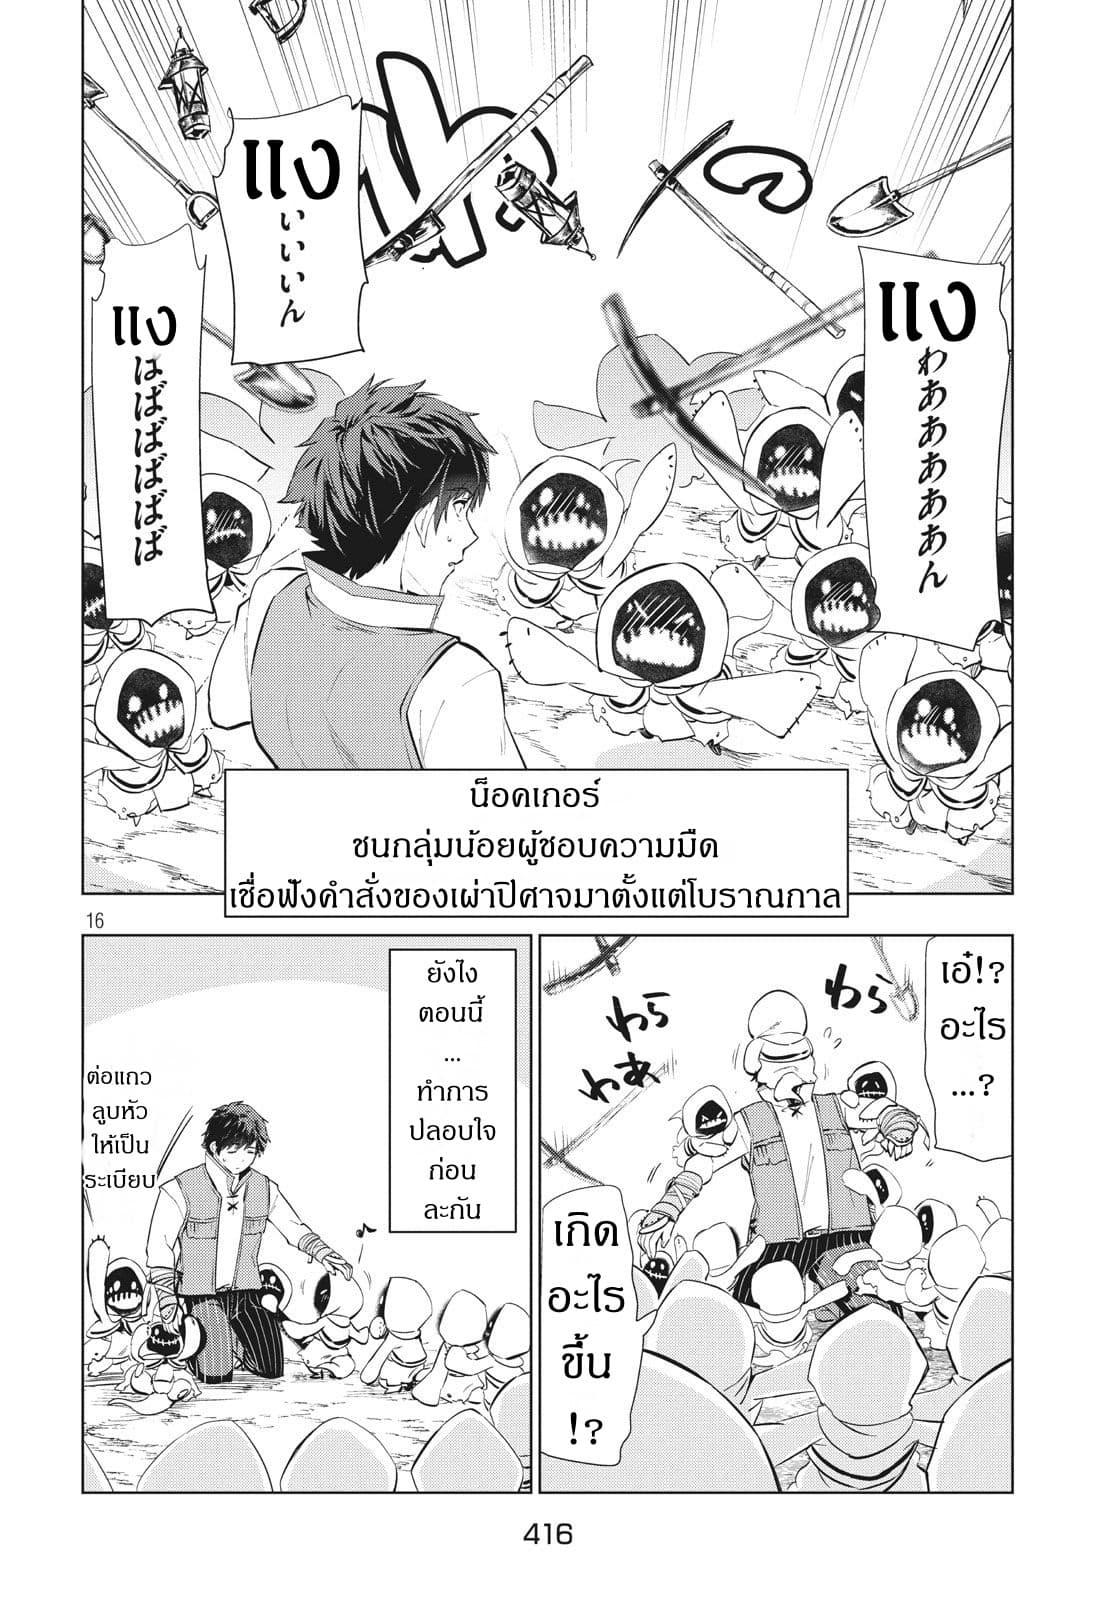 อ่านการ์ตูน Kaiko sareta Ankoku Heishi (30-dai) no Slow na Second ตอนที่ 5.1 หน้าที่ 15